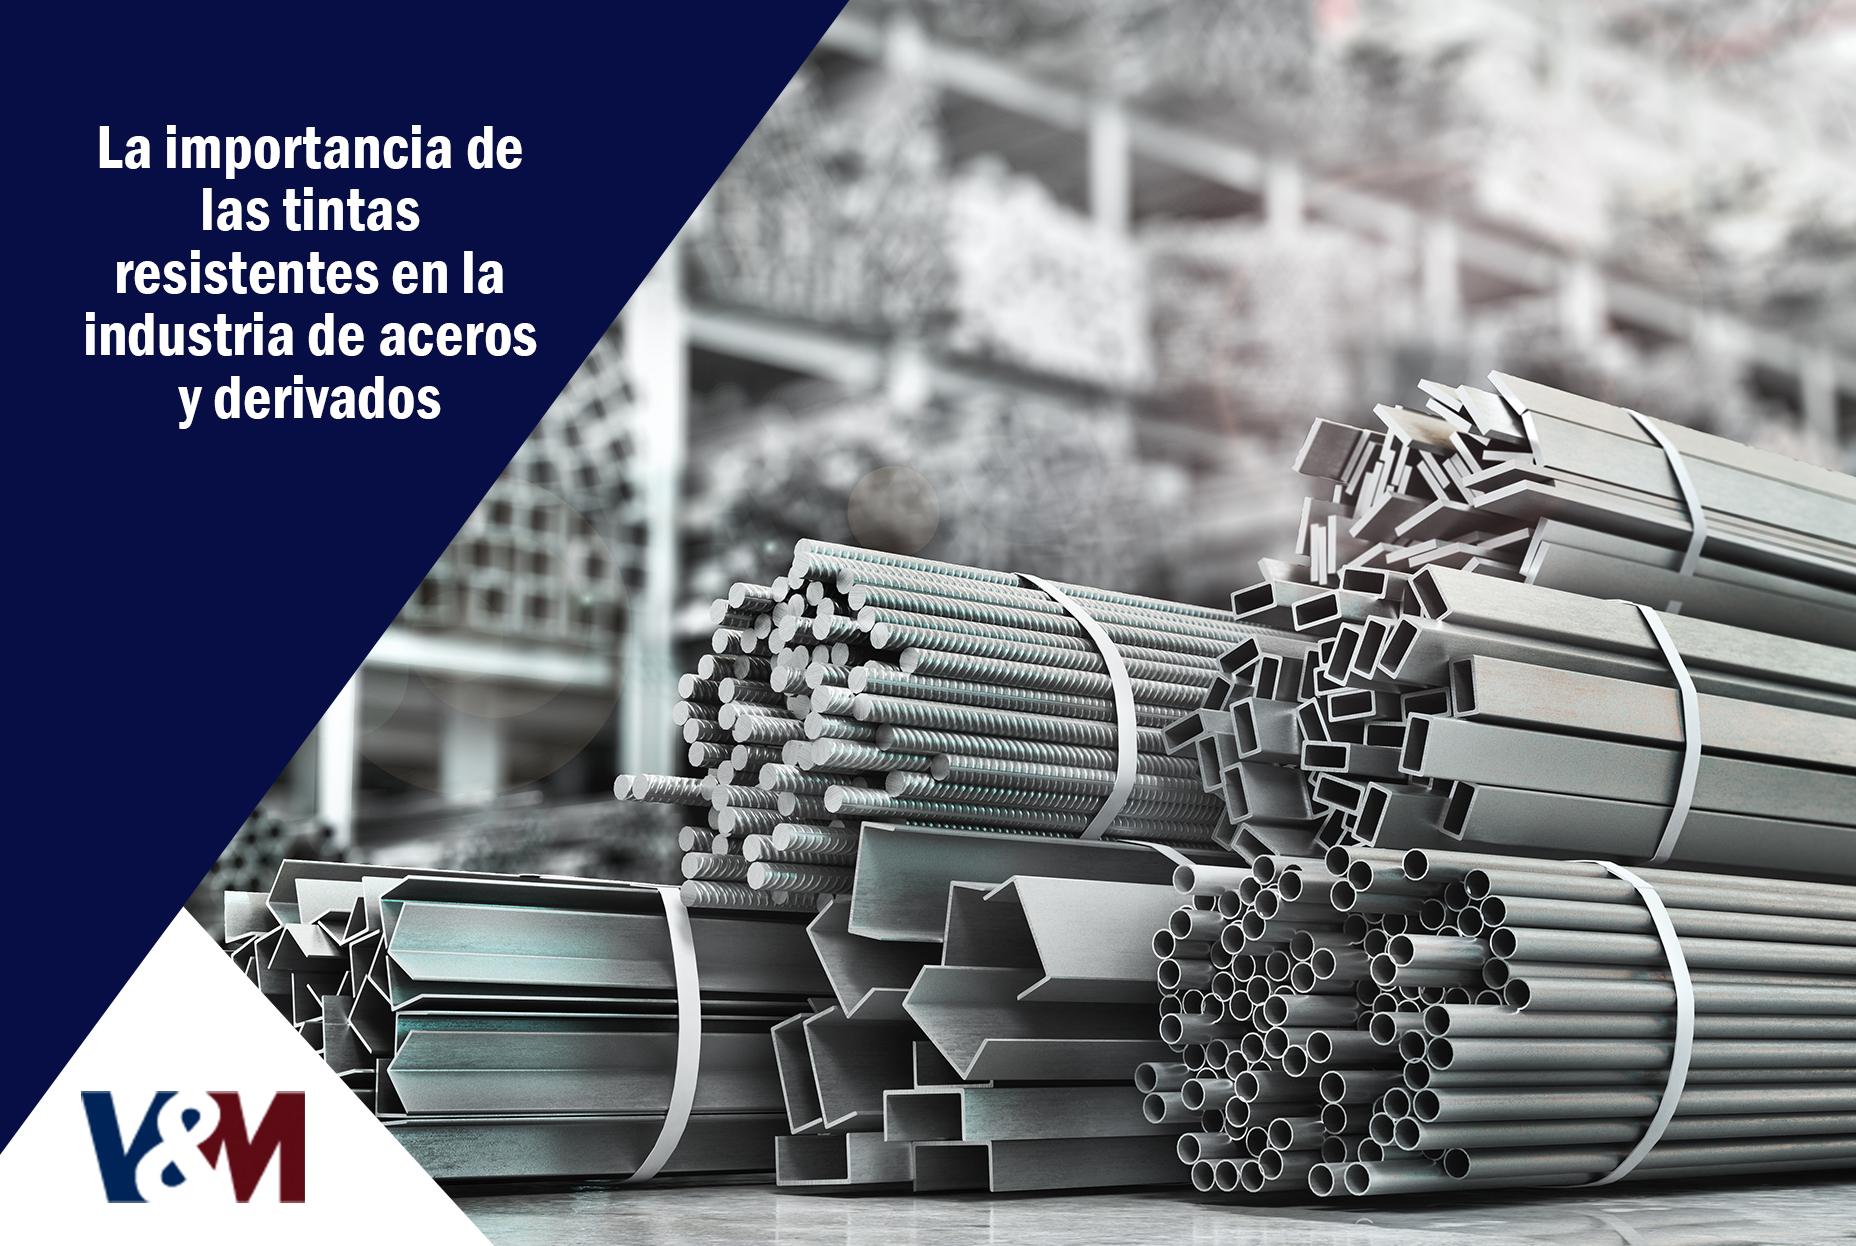 tintas resistentes en la industria de aceros